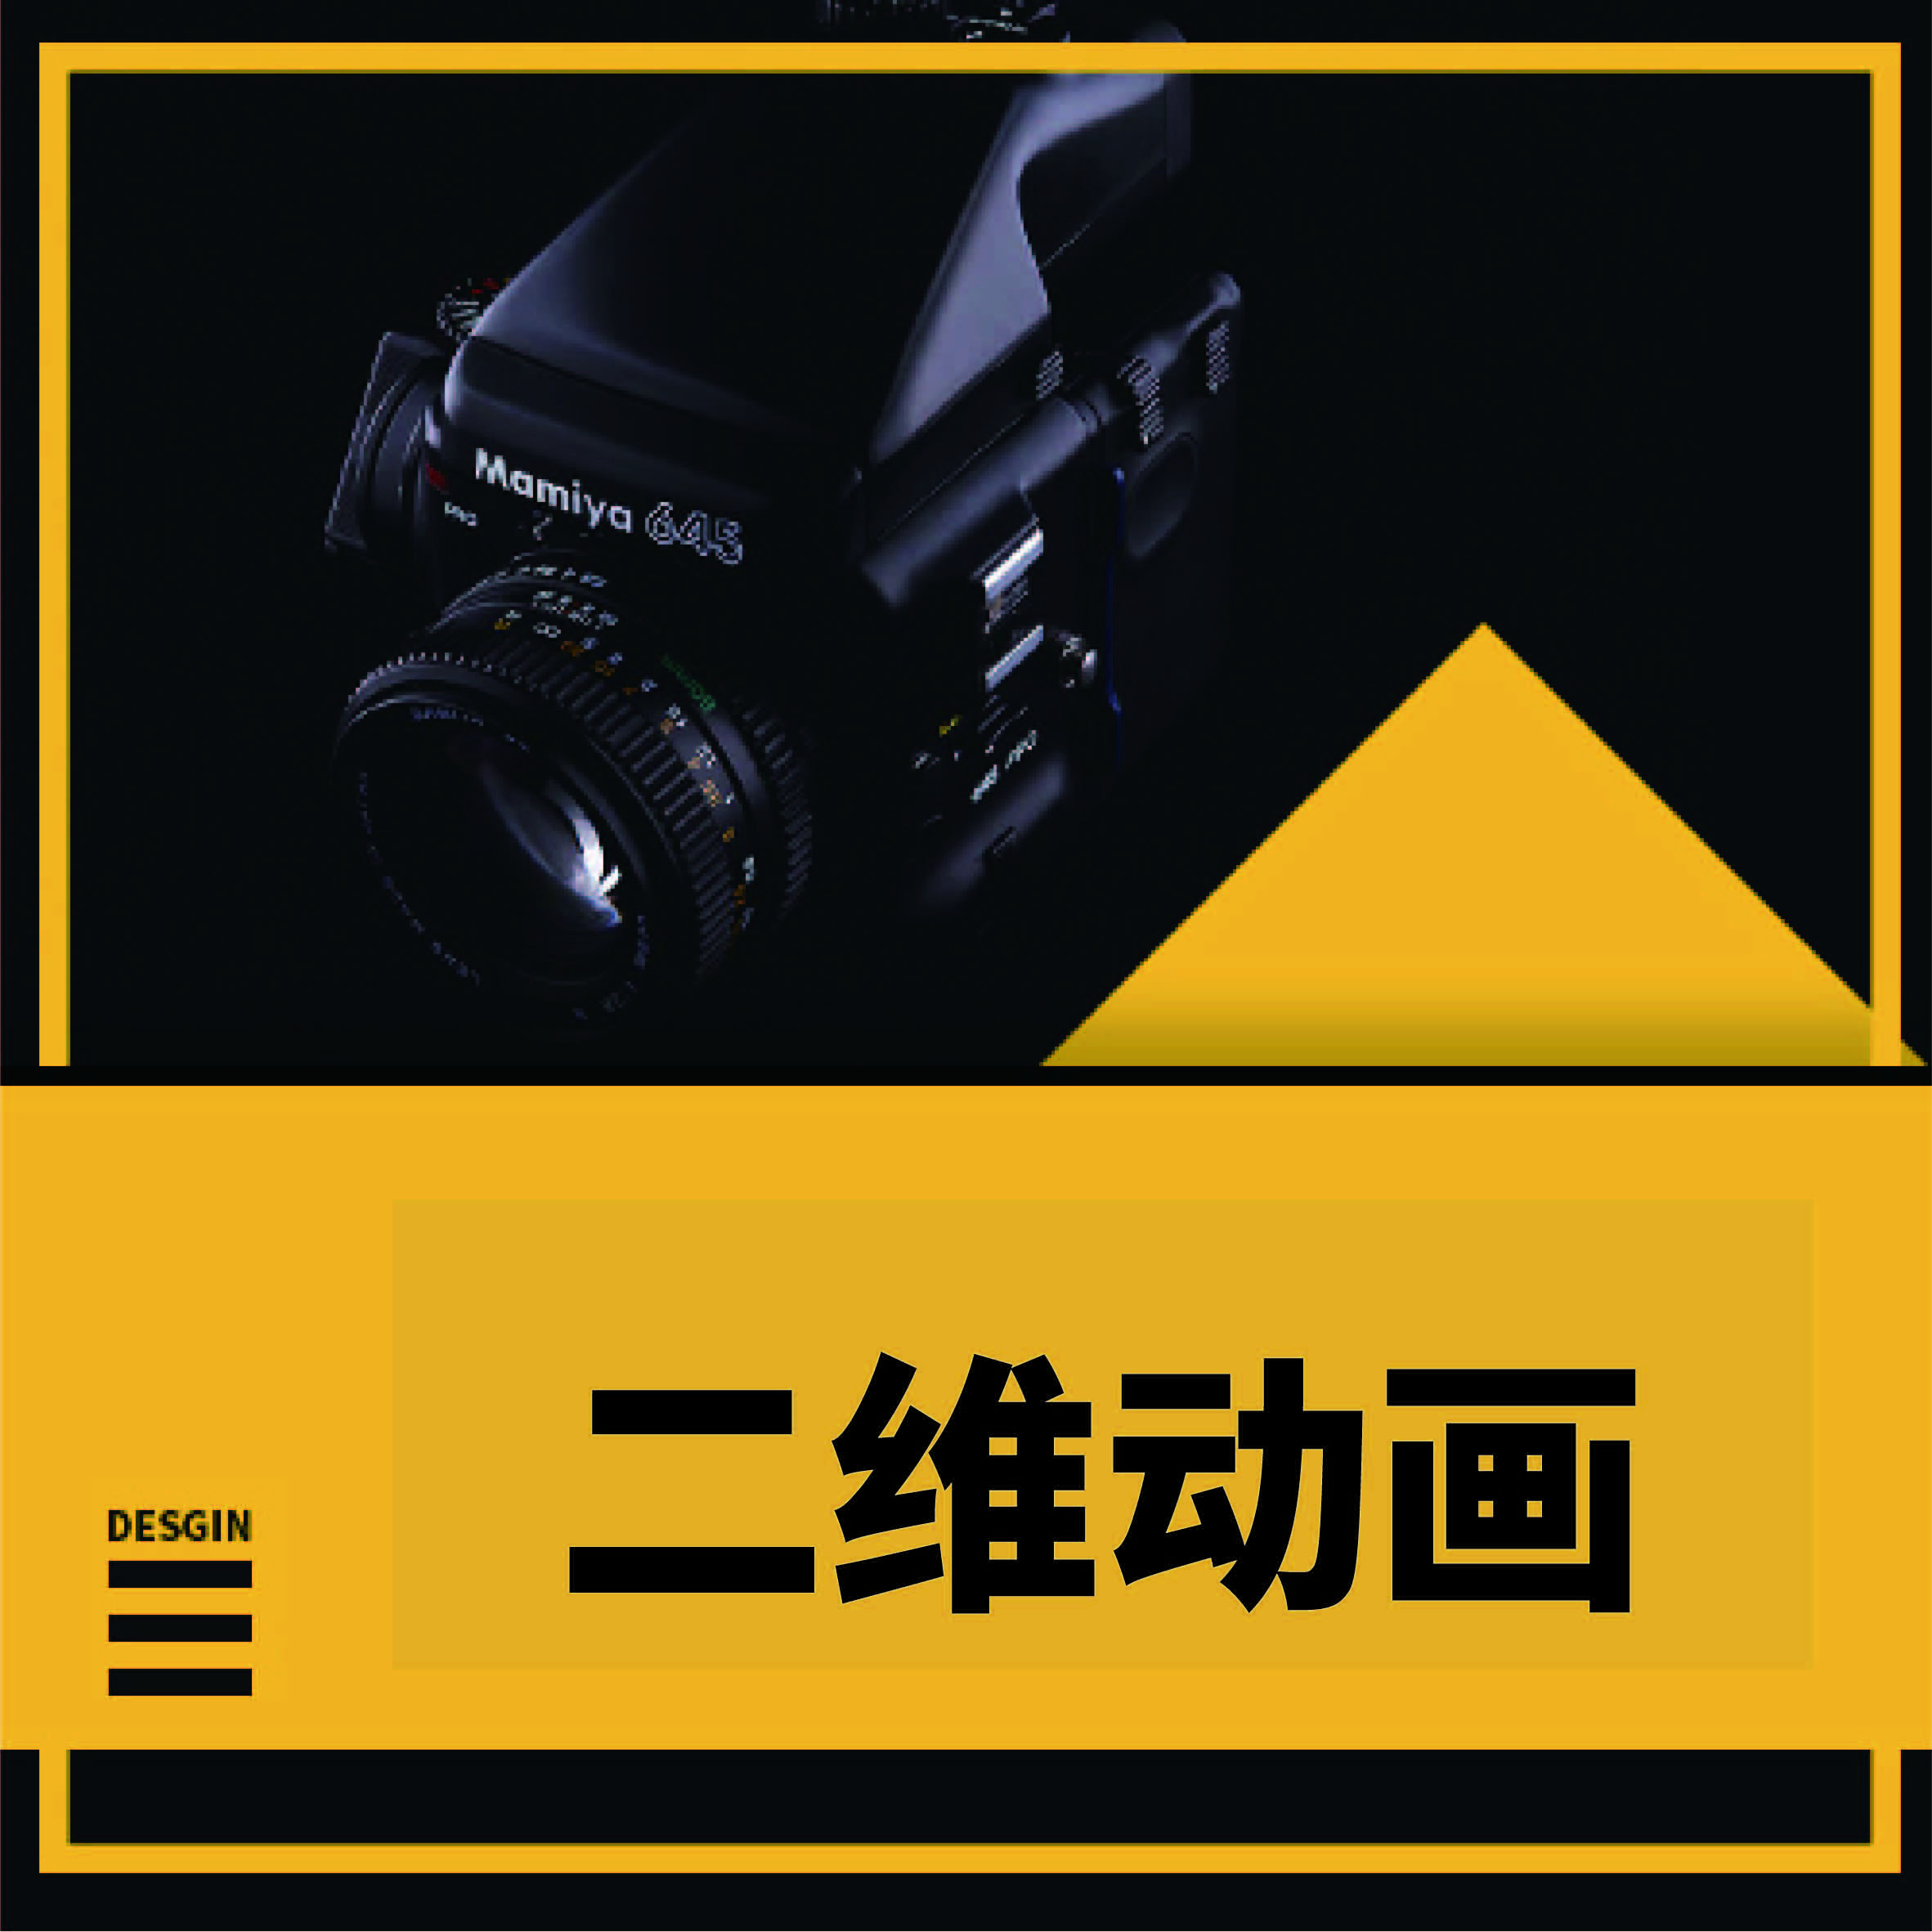 【片头动画】栏目LOGO动态演绎动画二维2.5D三维AE片尾